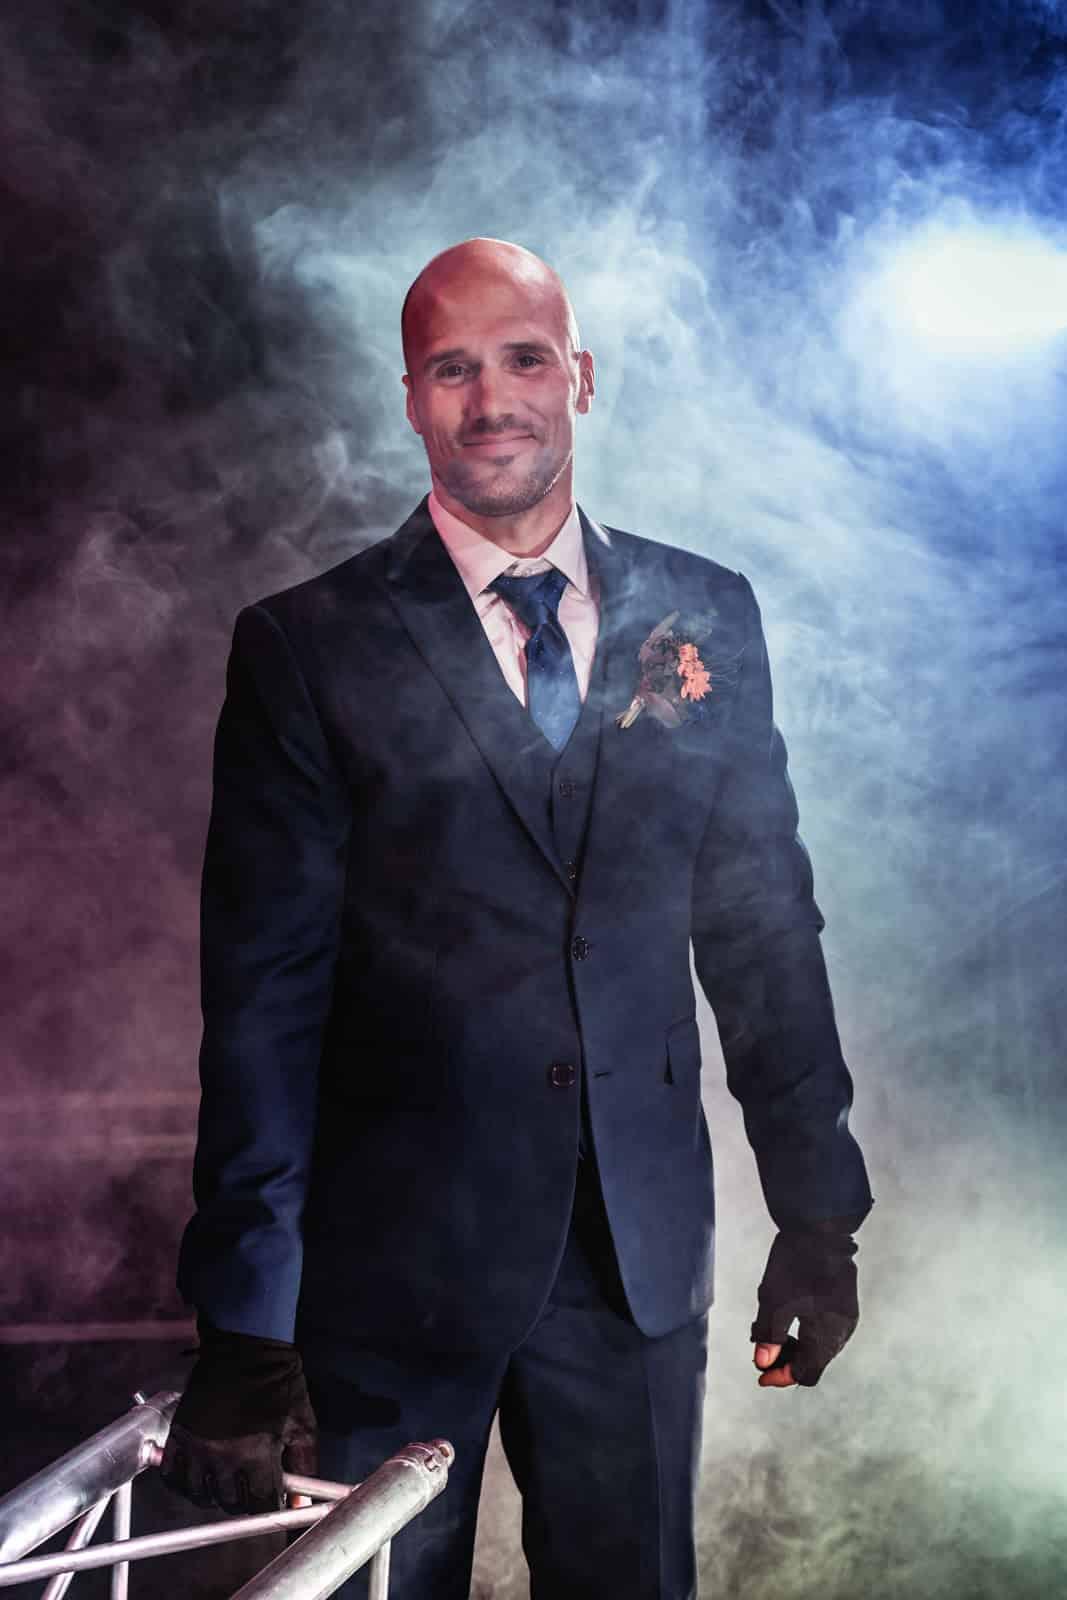 Mann im Anzug hält Traverse mit Arbeitshandschuhe auf ausgeleuchteter Bühne im Anzug.